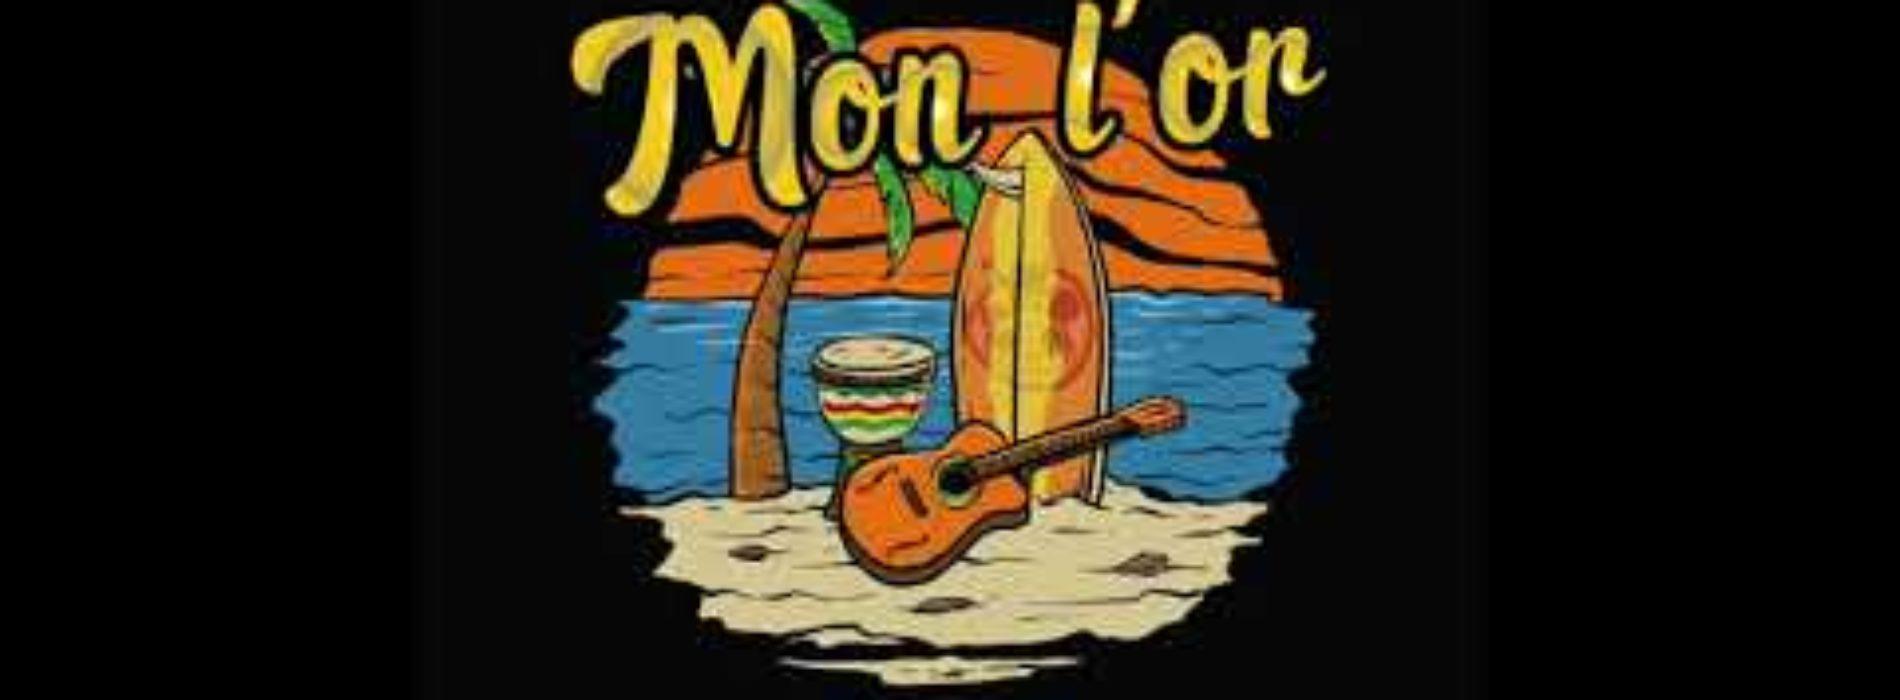 Di Panda – Mon l'or (Audio) – Août 2020